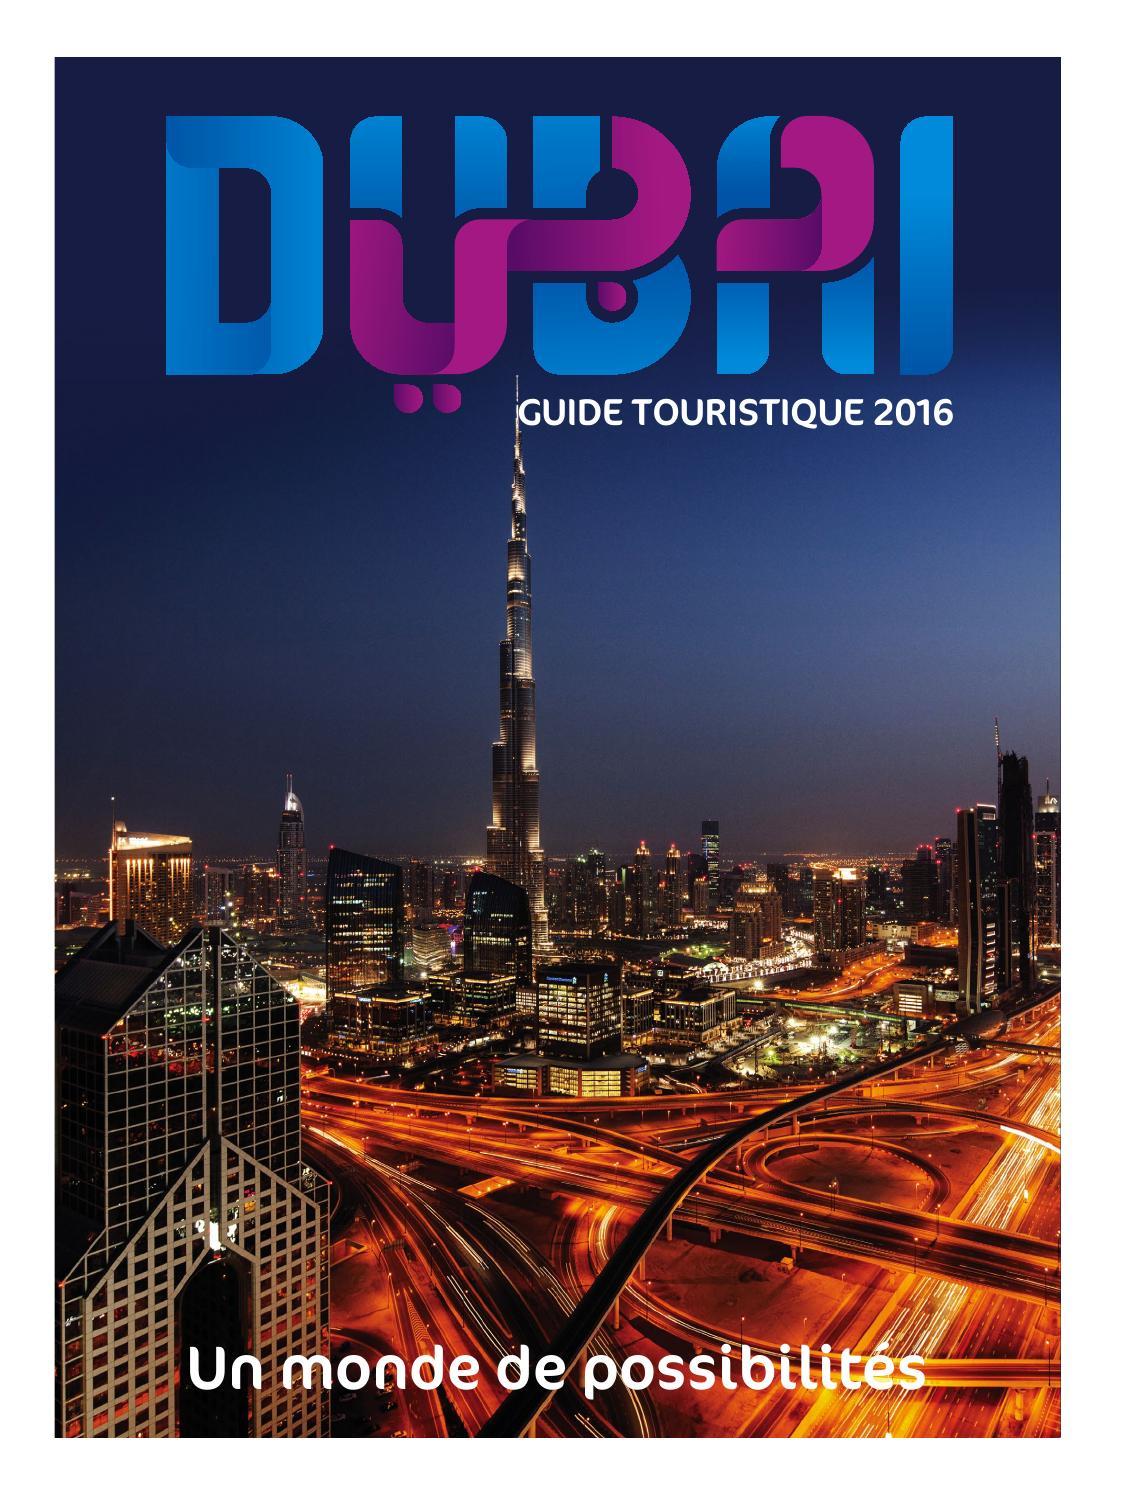 Dubai Tourism Guide French 2016 By Dubai Tourism Issuu